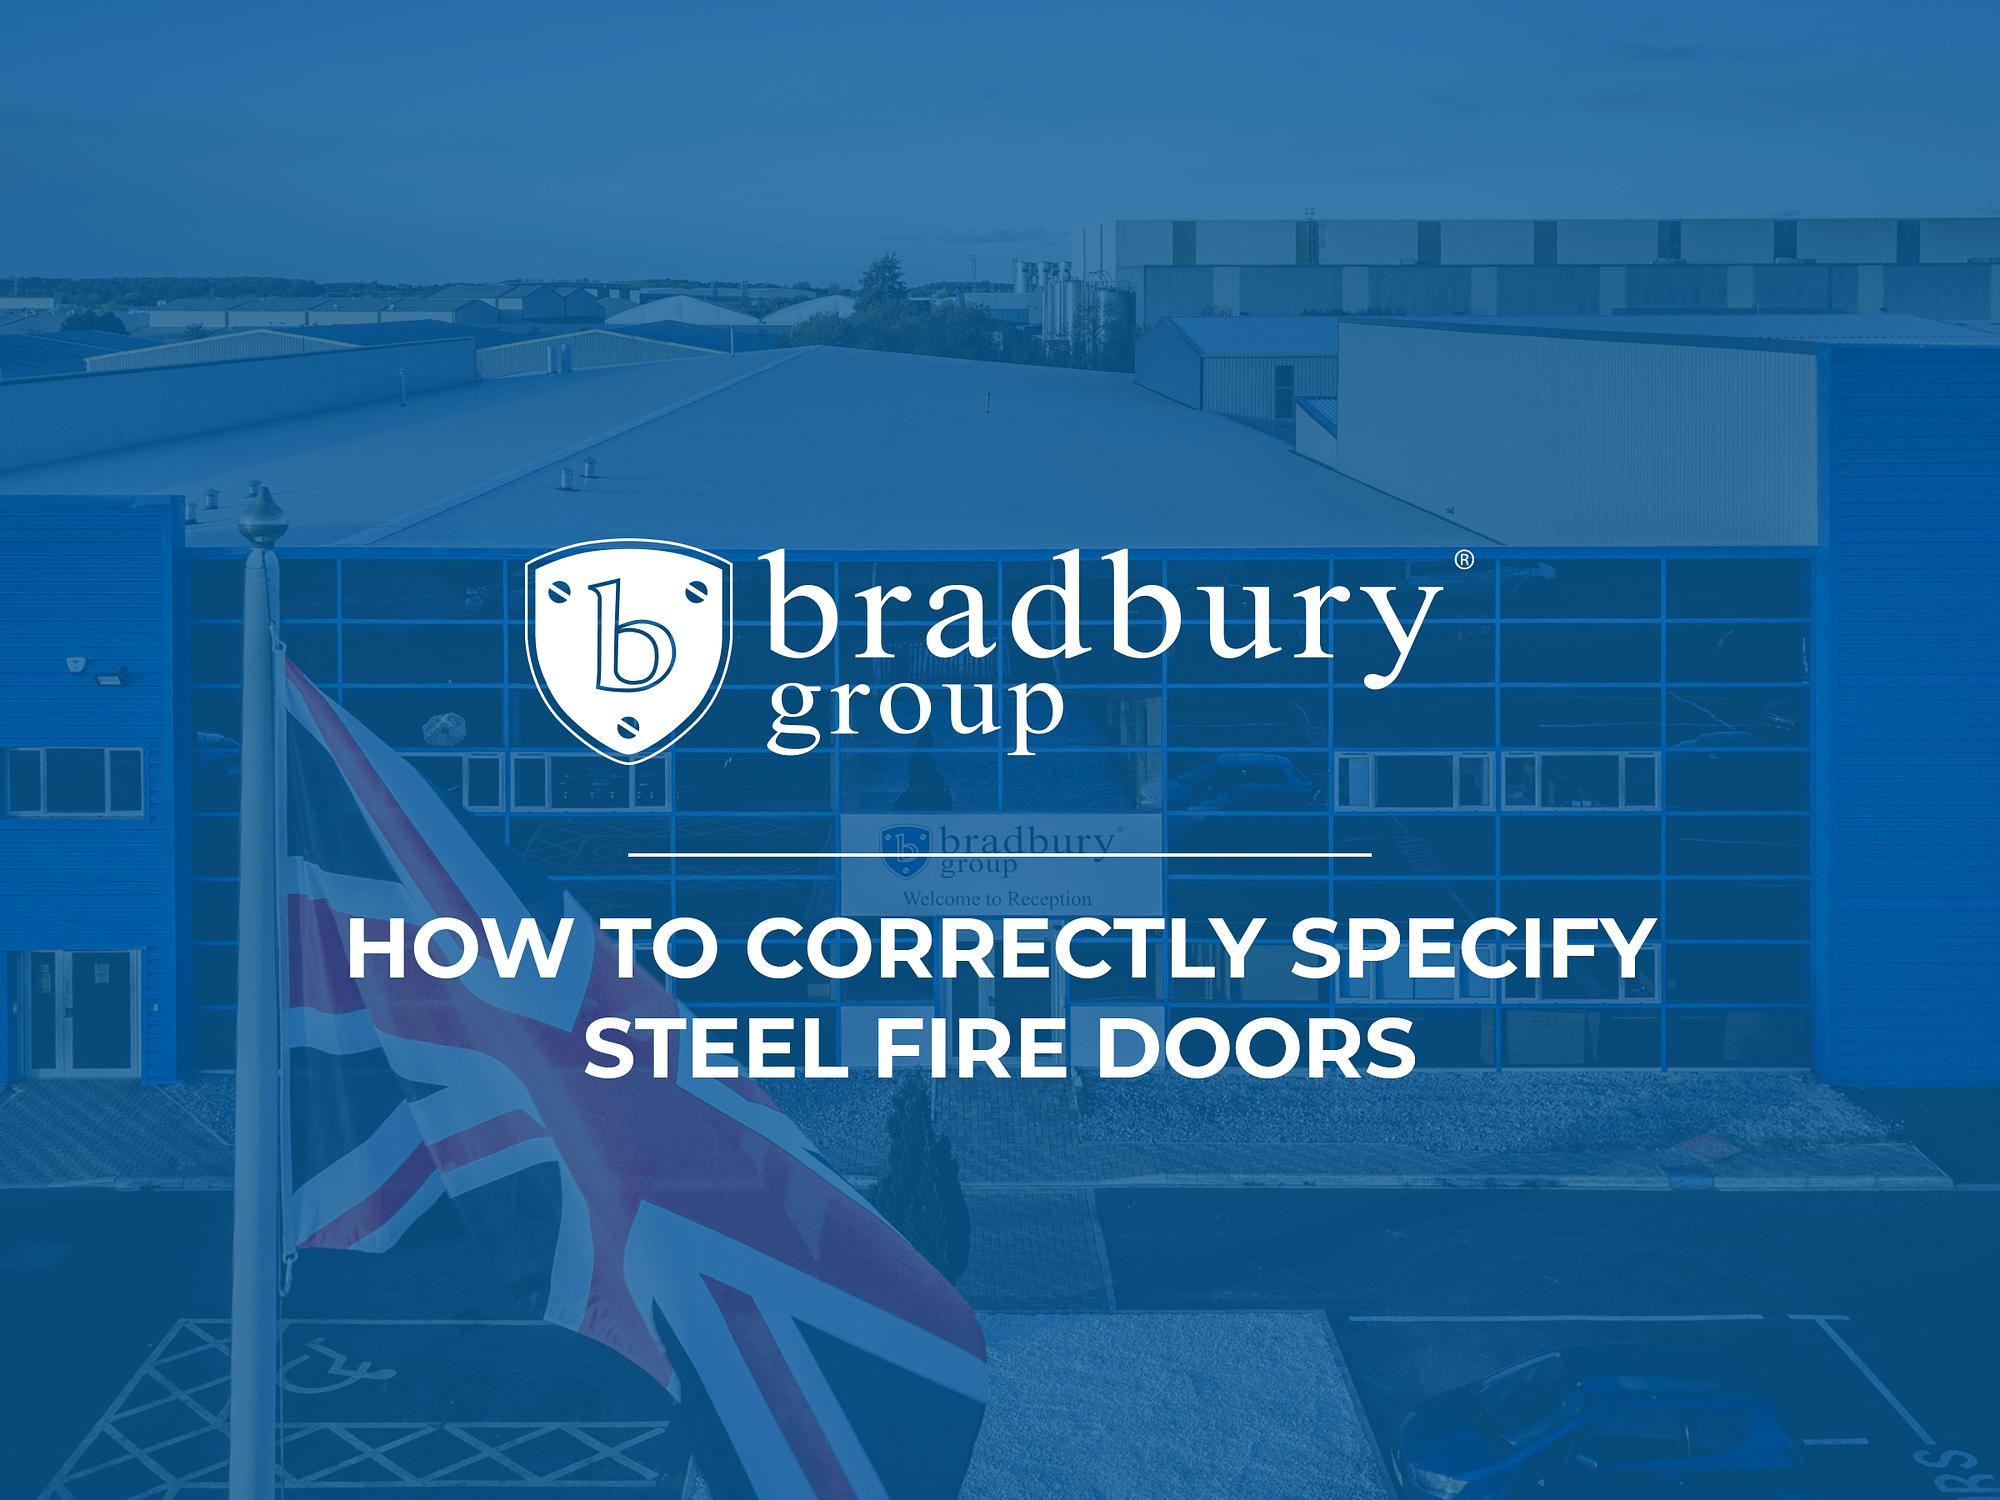 steel doors, crowd control gates, steel security doors